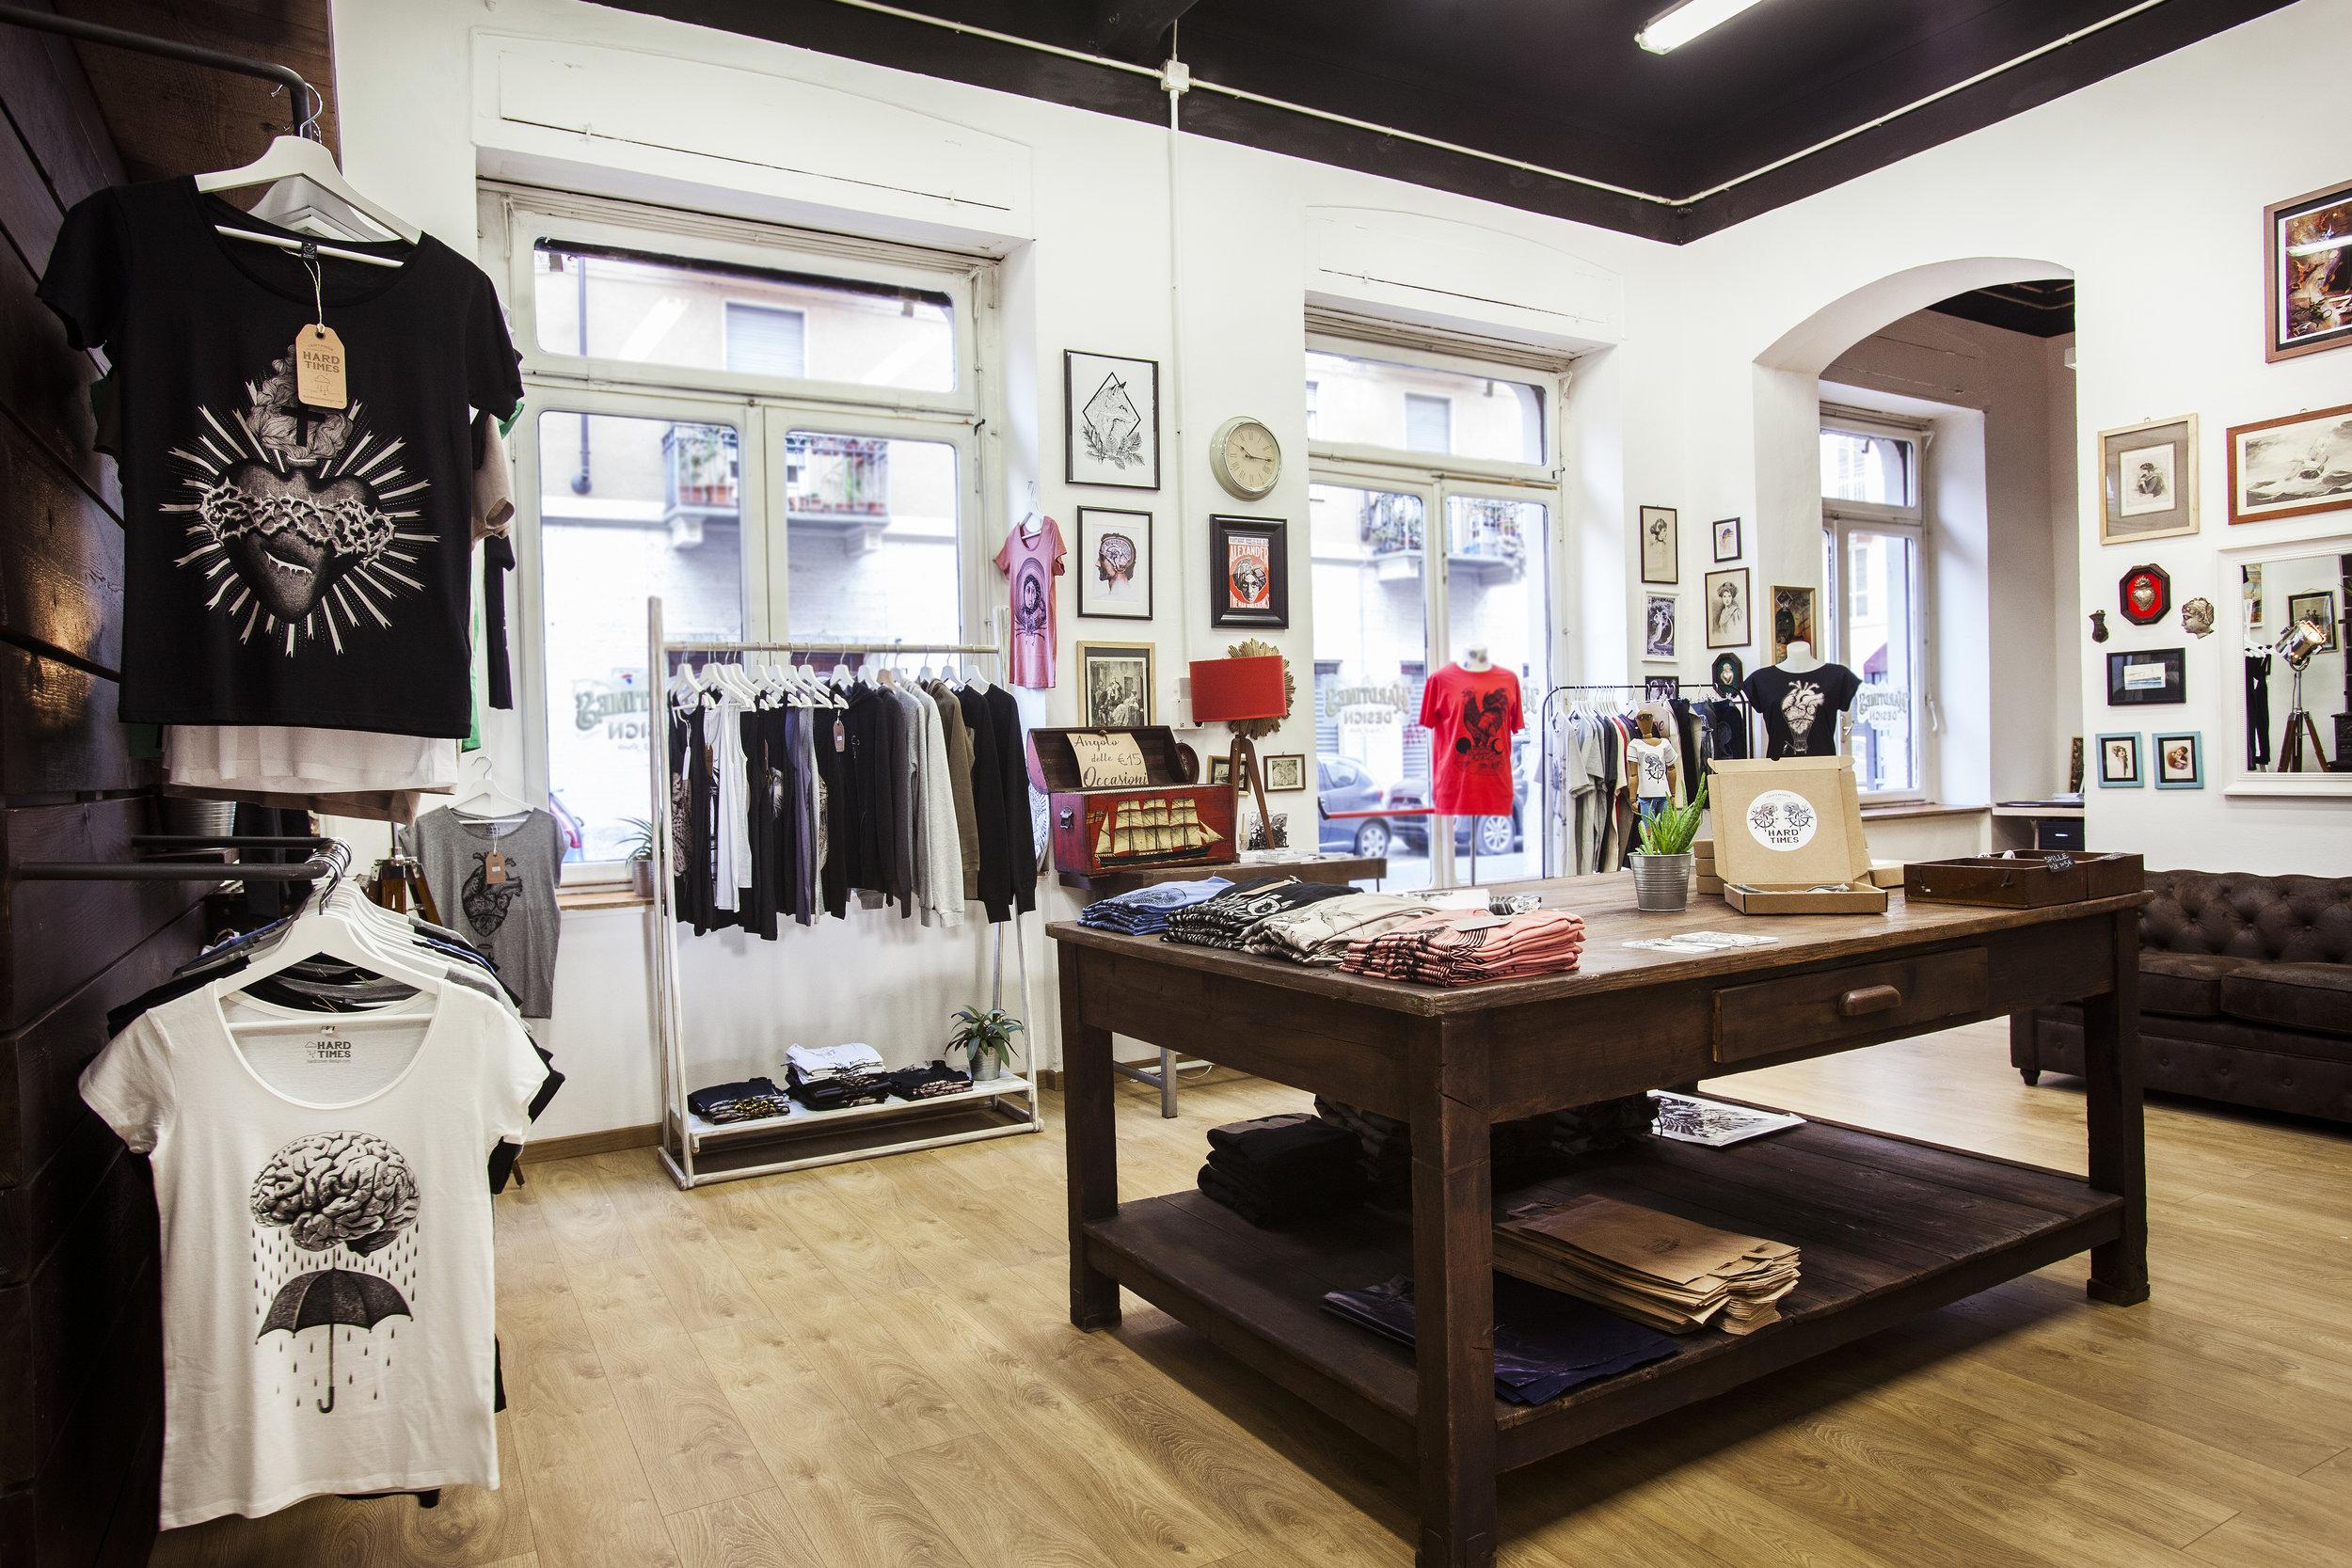 negozio abbigliamento torino